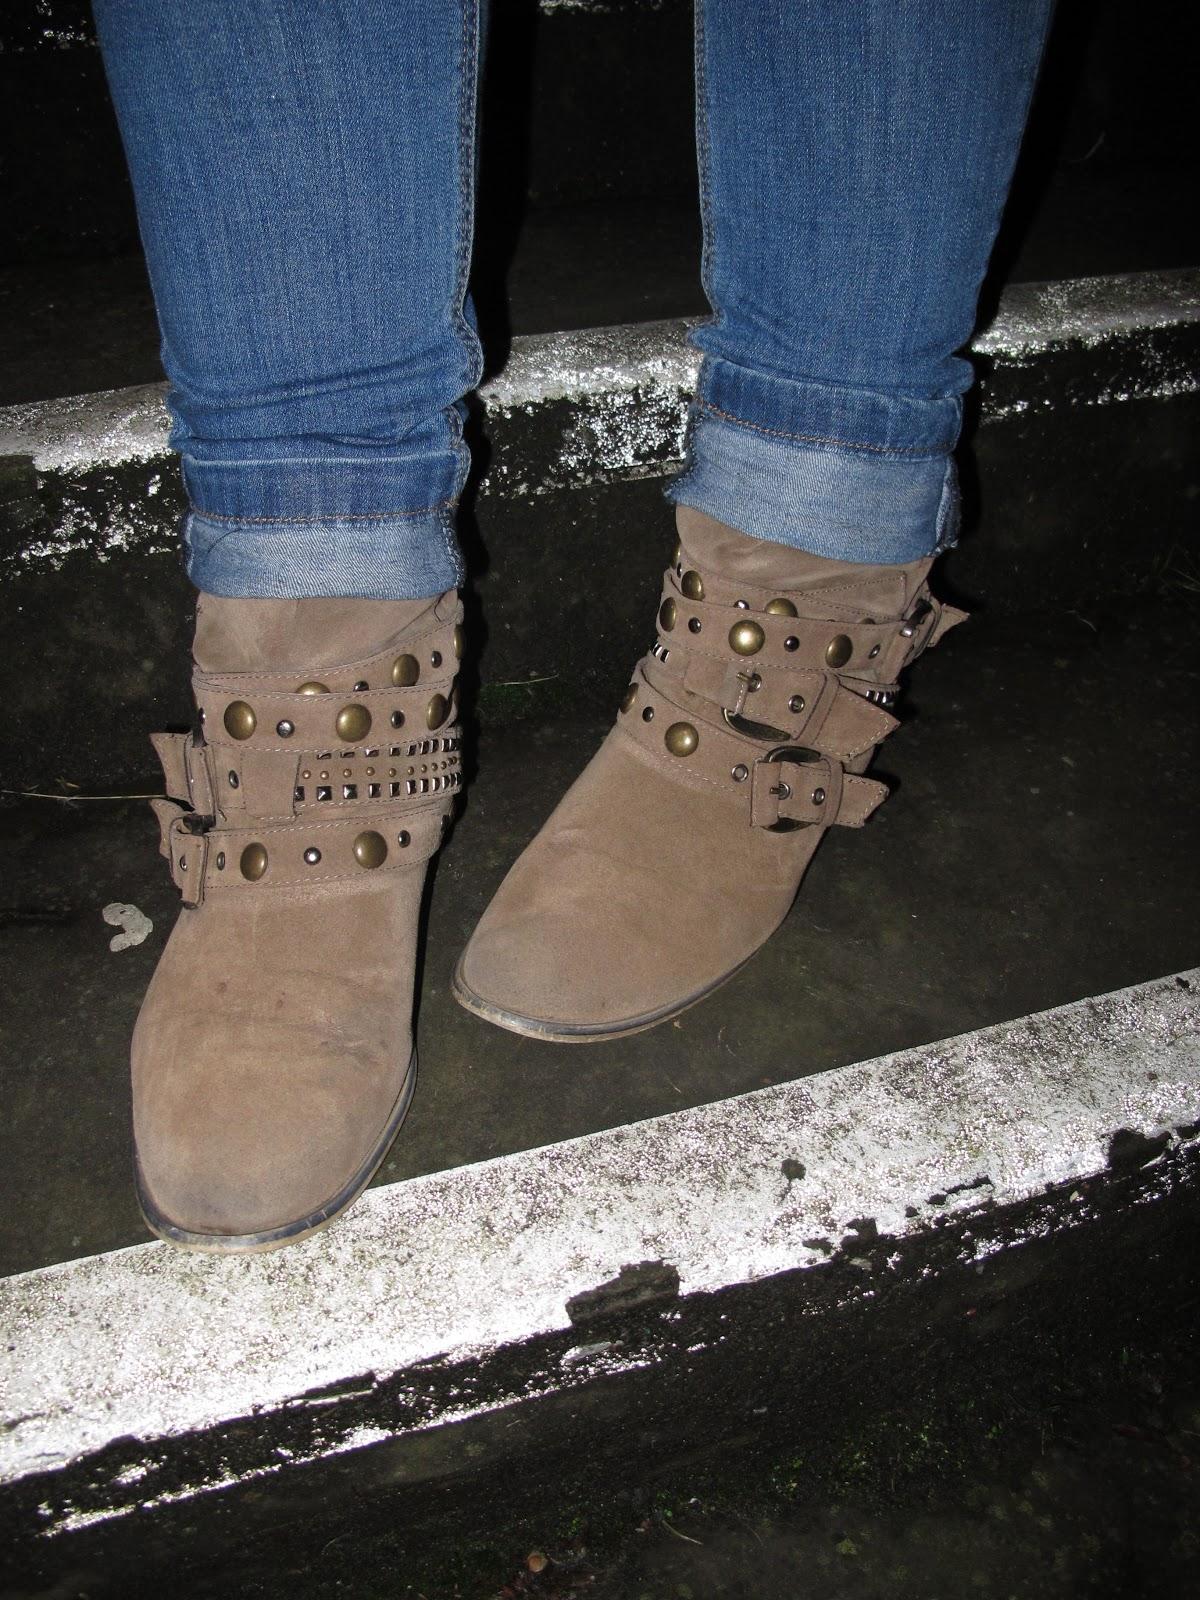 http://2.bp.blogspot.com/-DWmg2_Ddjek/UIPJTtUm0sI/AAAAAAAAAQk/mbFhSbB-i9I/s1600/boots.jpg